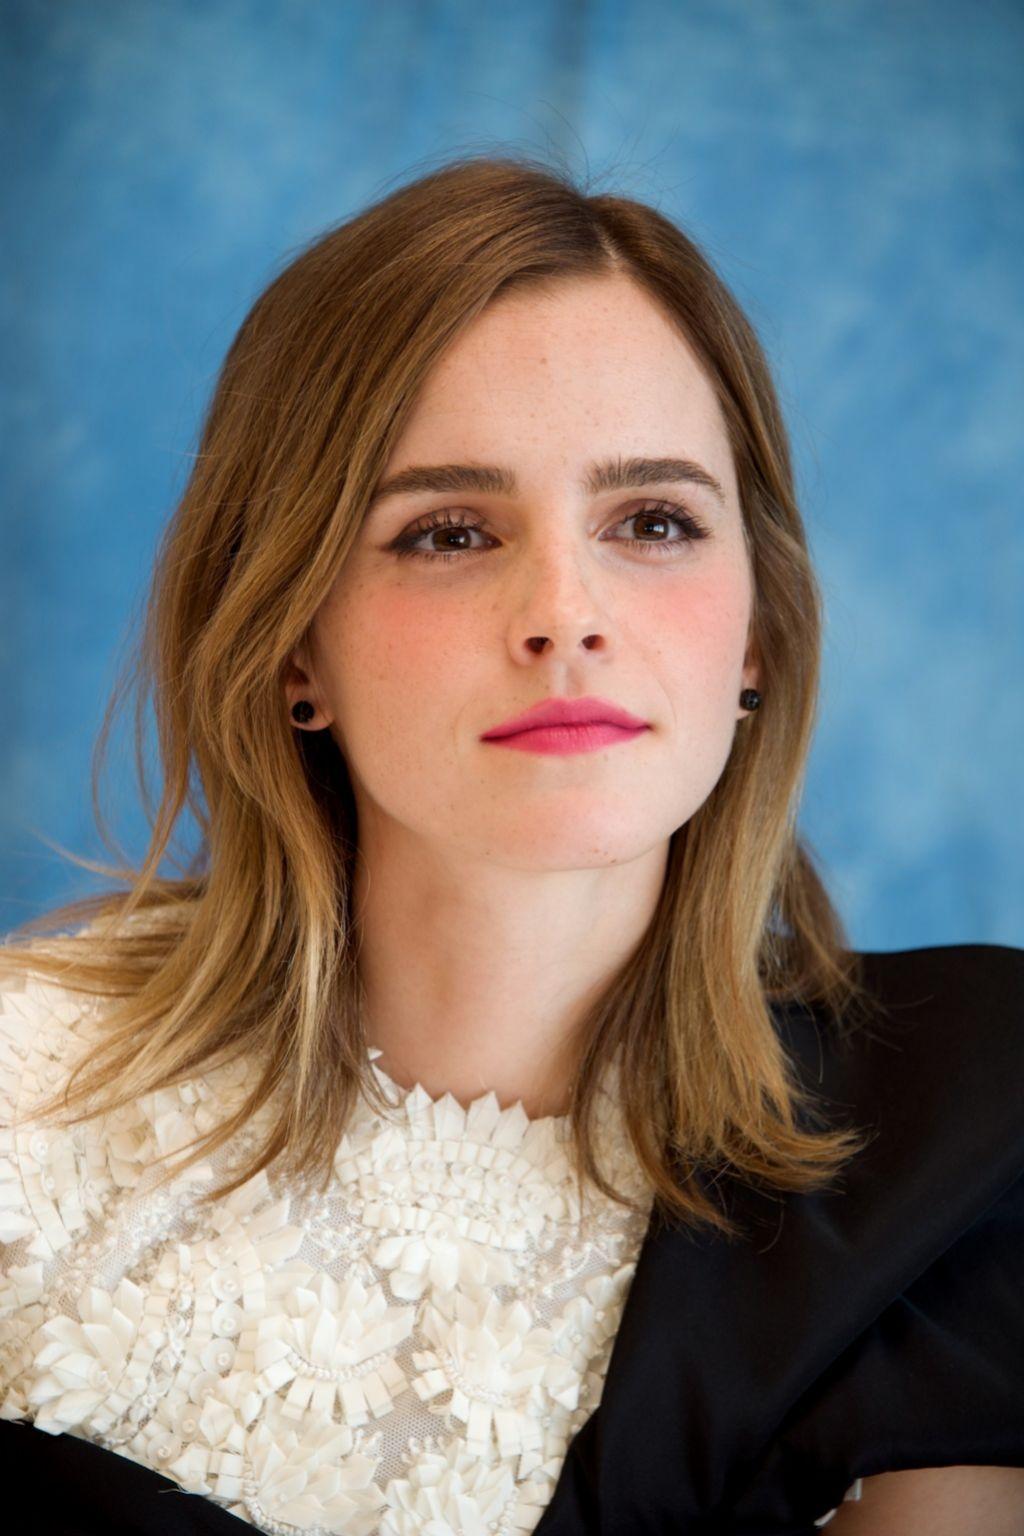 Emma Watson es fan de los productos RMS Beauty.